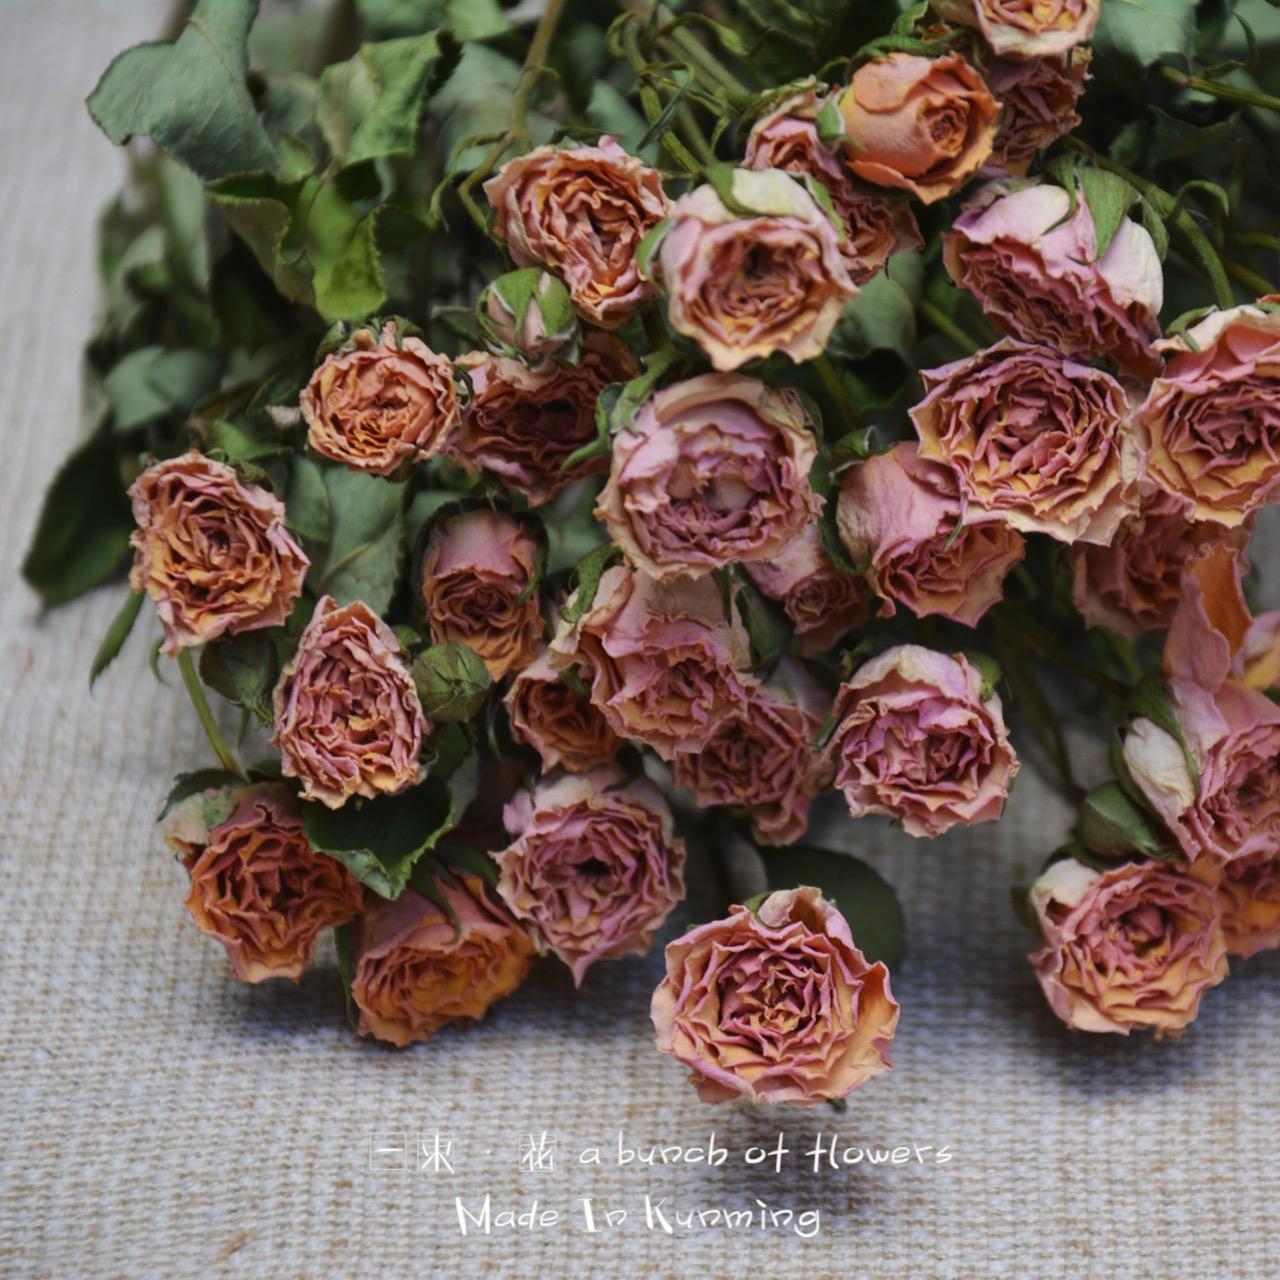 Импорт мандарин кукла порошок оранжевый бык роуз mini роуз сухие цветы рука сделать аксессуары DIY цветок лесоматериалы выбор цветок